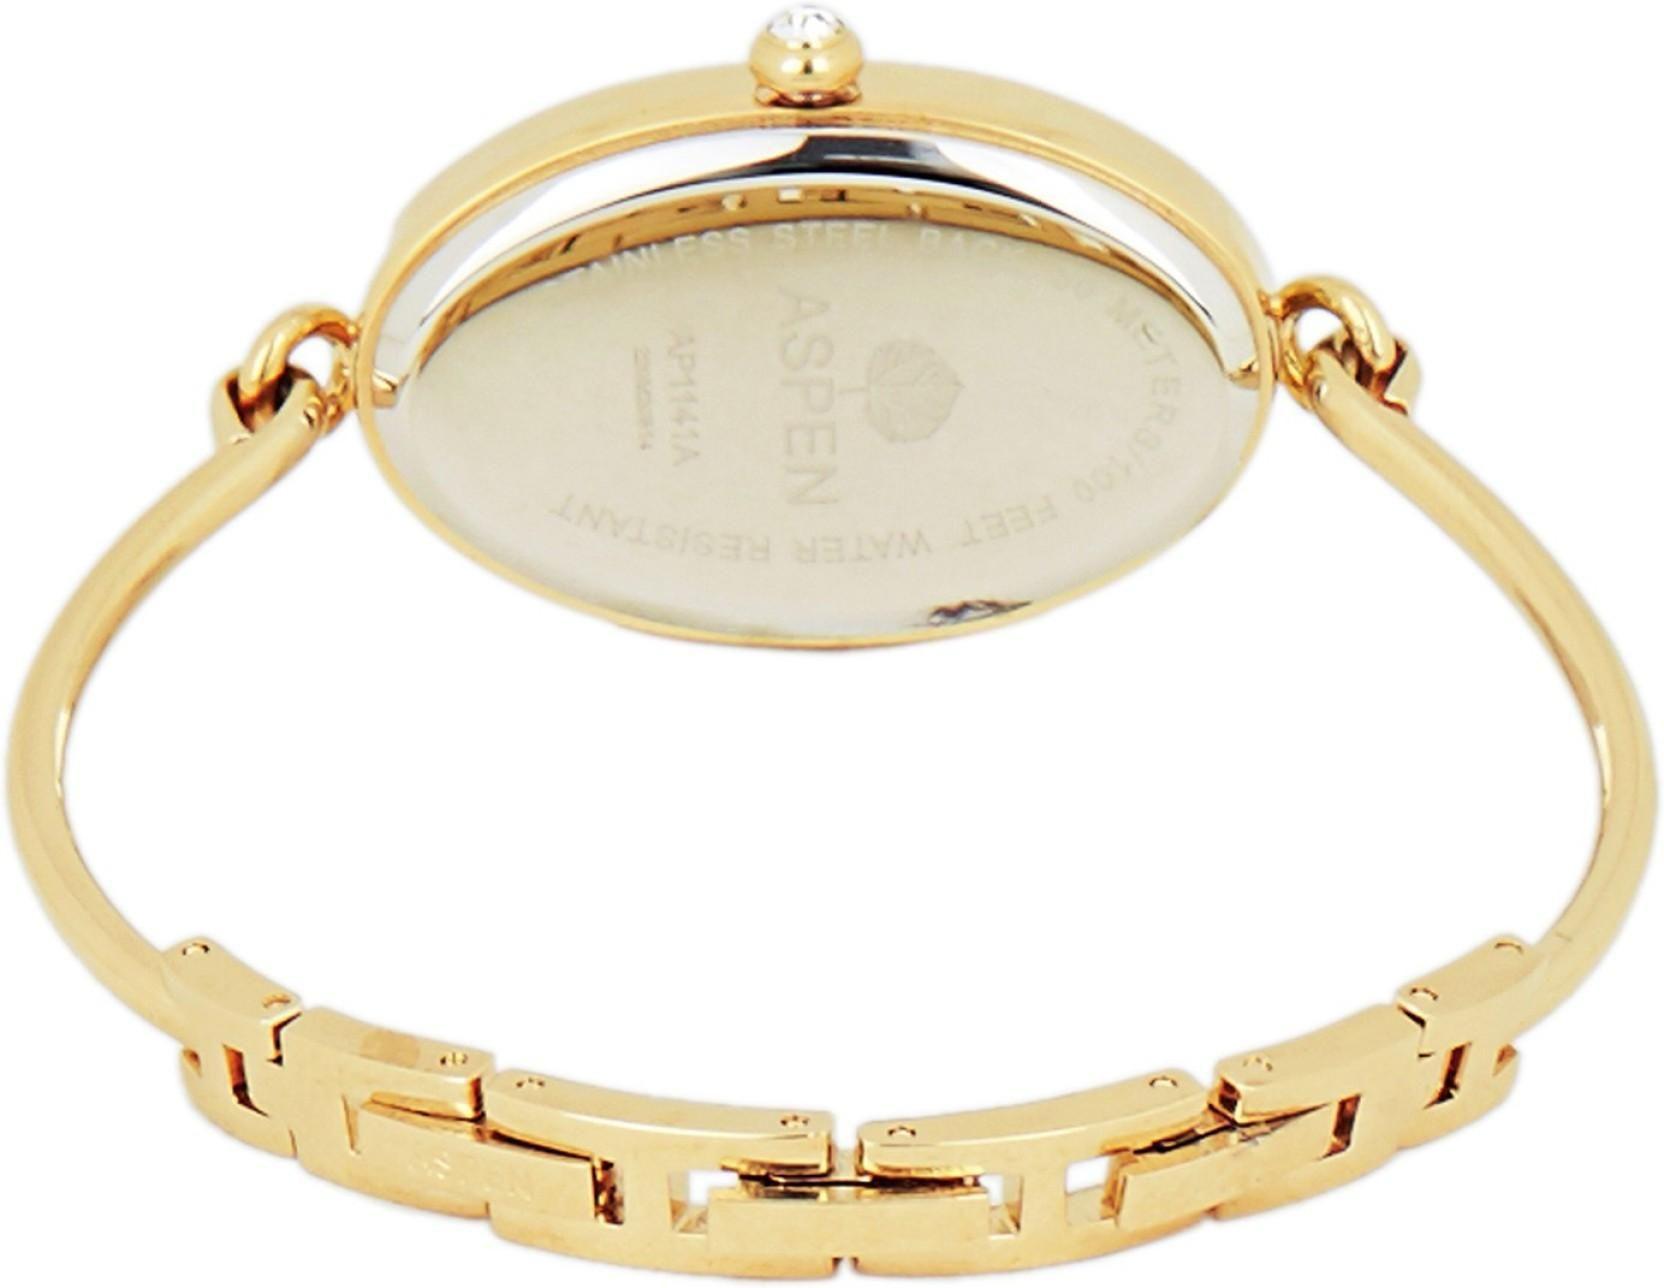 Aspen AP2022 Aspen Gold Dial Ladies Watch- Be Jewelled-AP2022 Watch - For Women